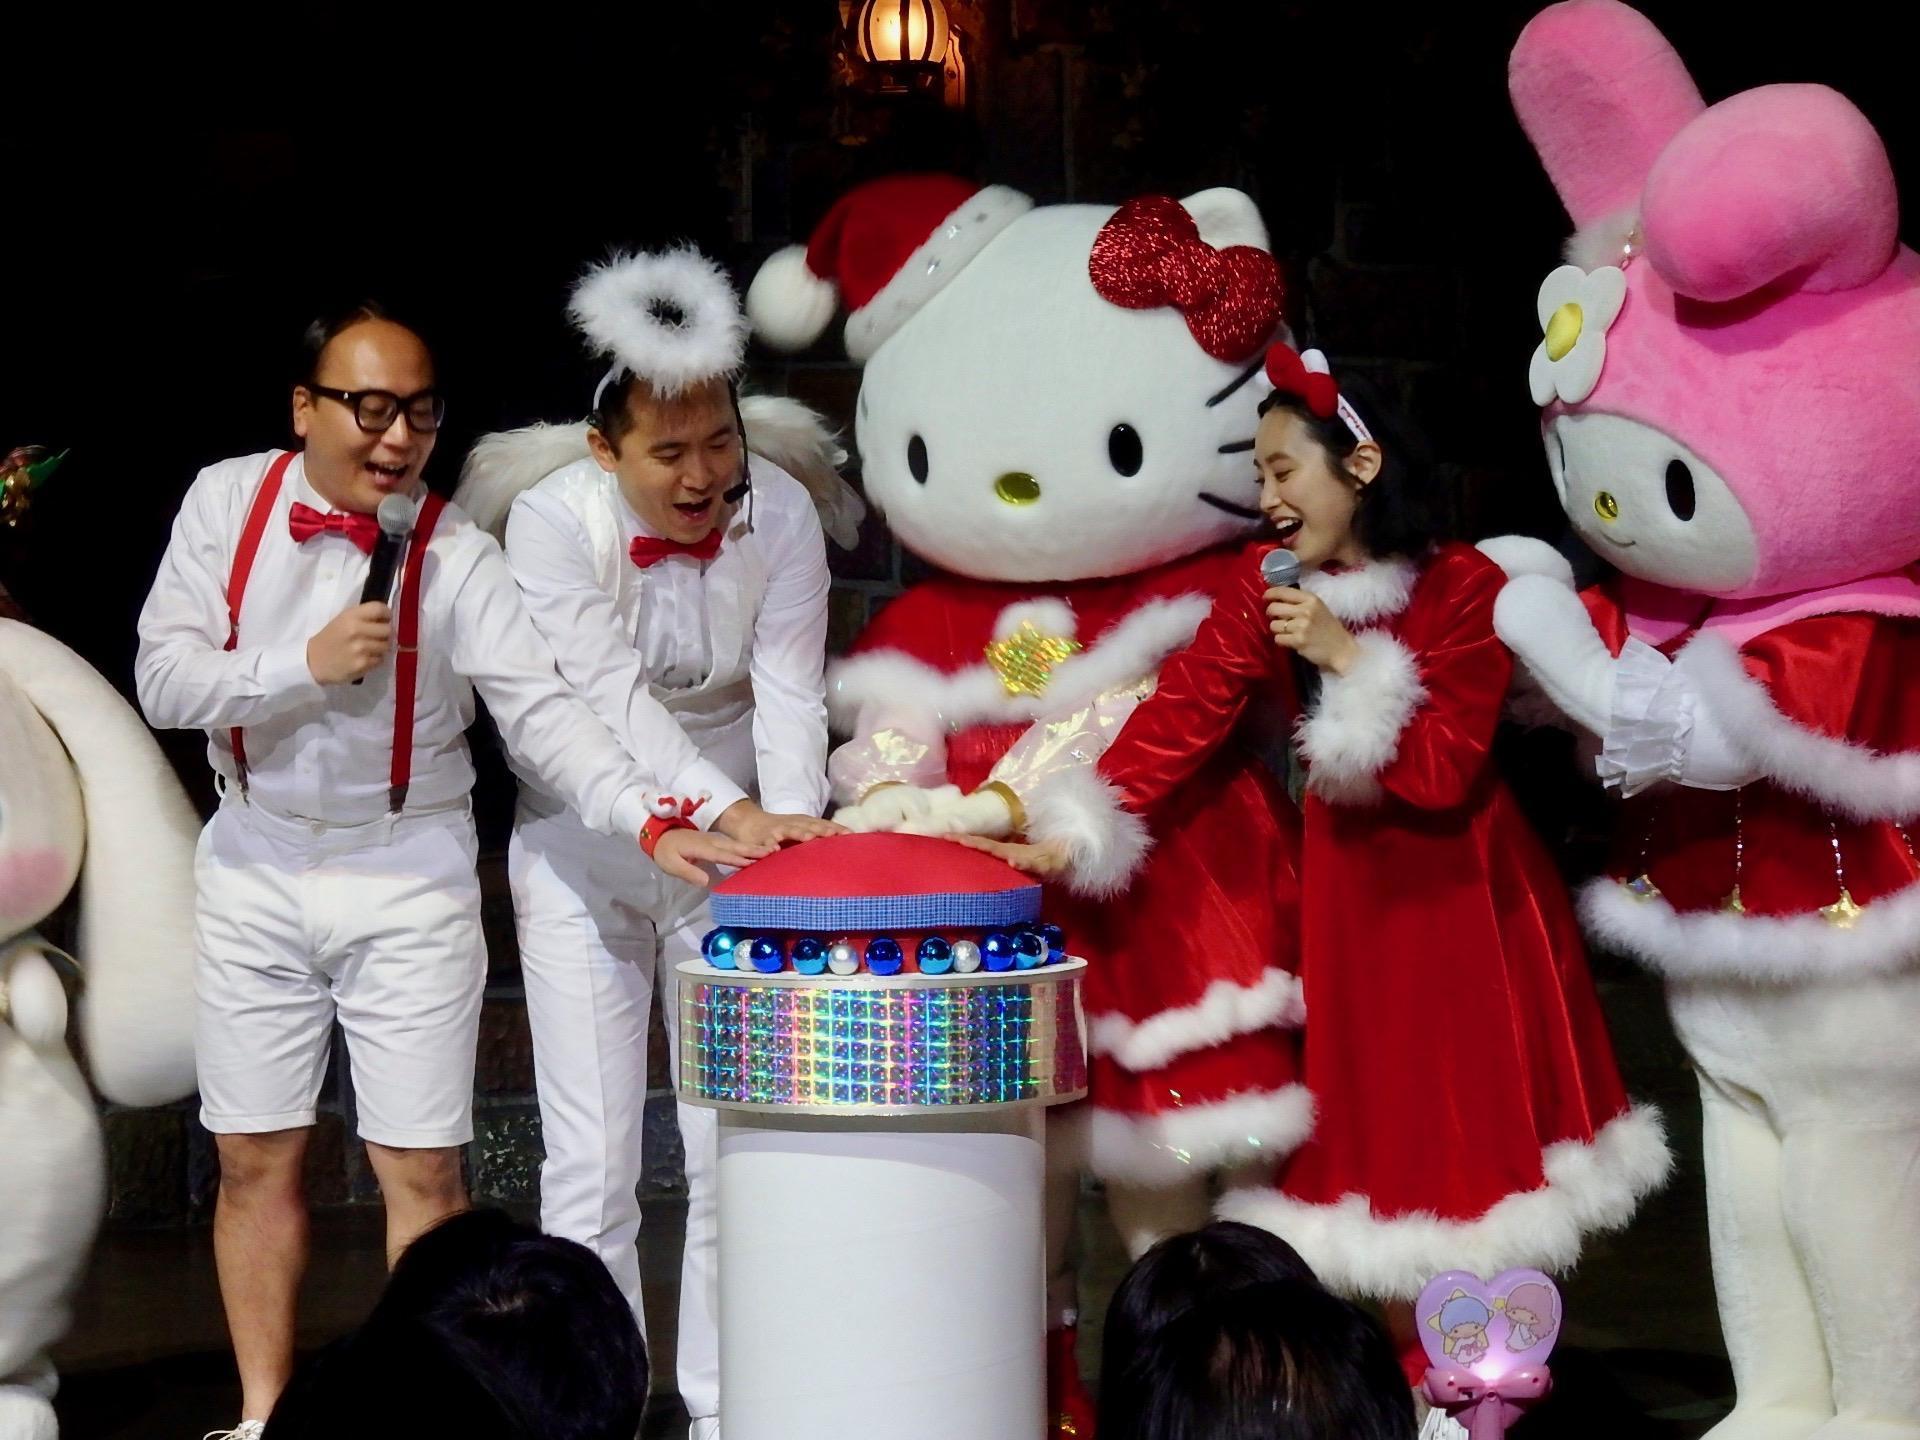 http://news.yoshimoto.co.jp/20171110003235-6f4a28000a7b6d7577716df2eae57972eeb5e08d.jpg